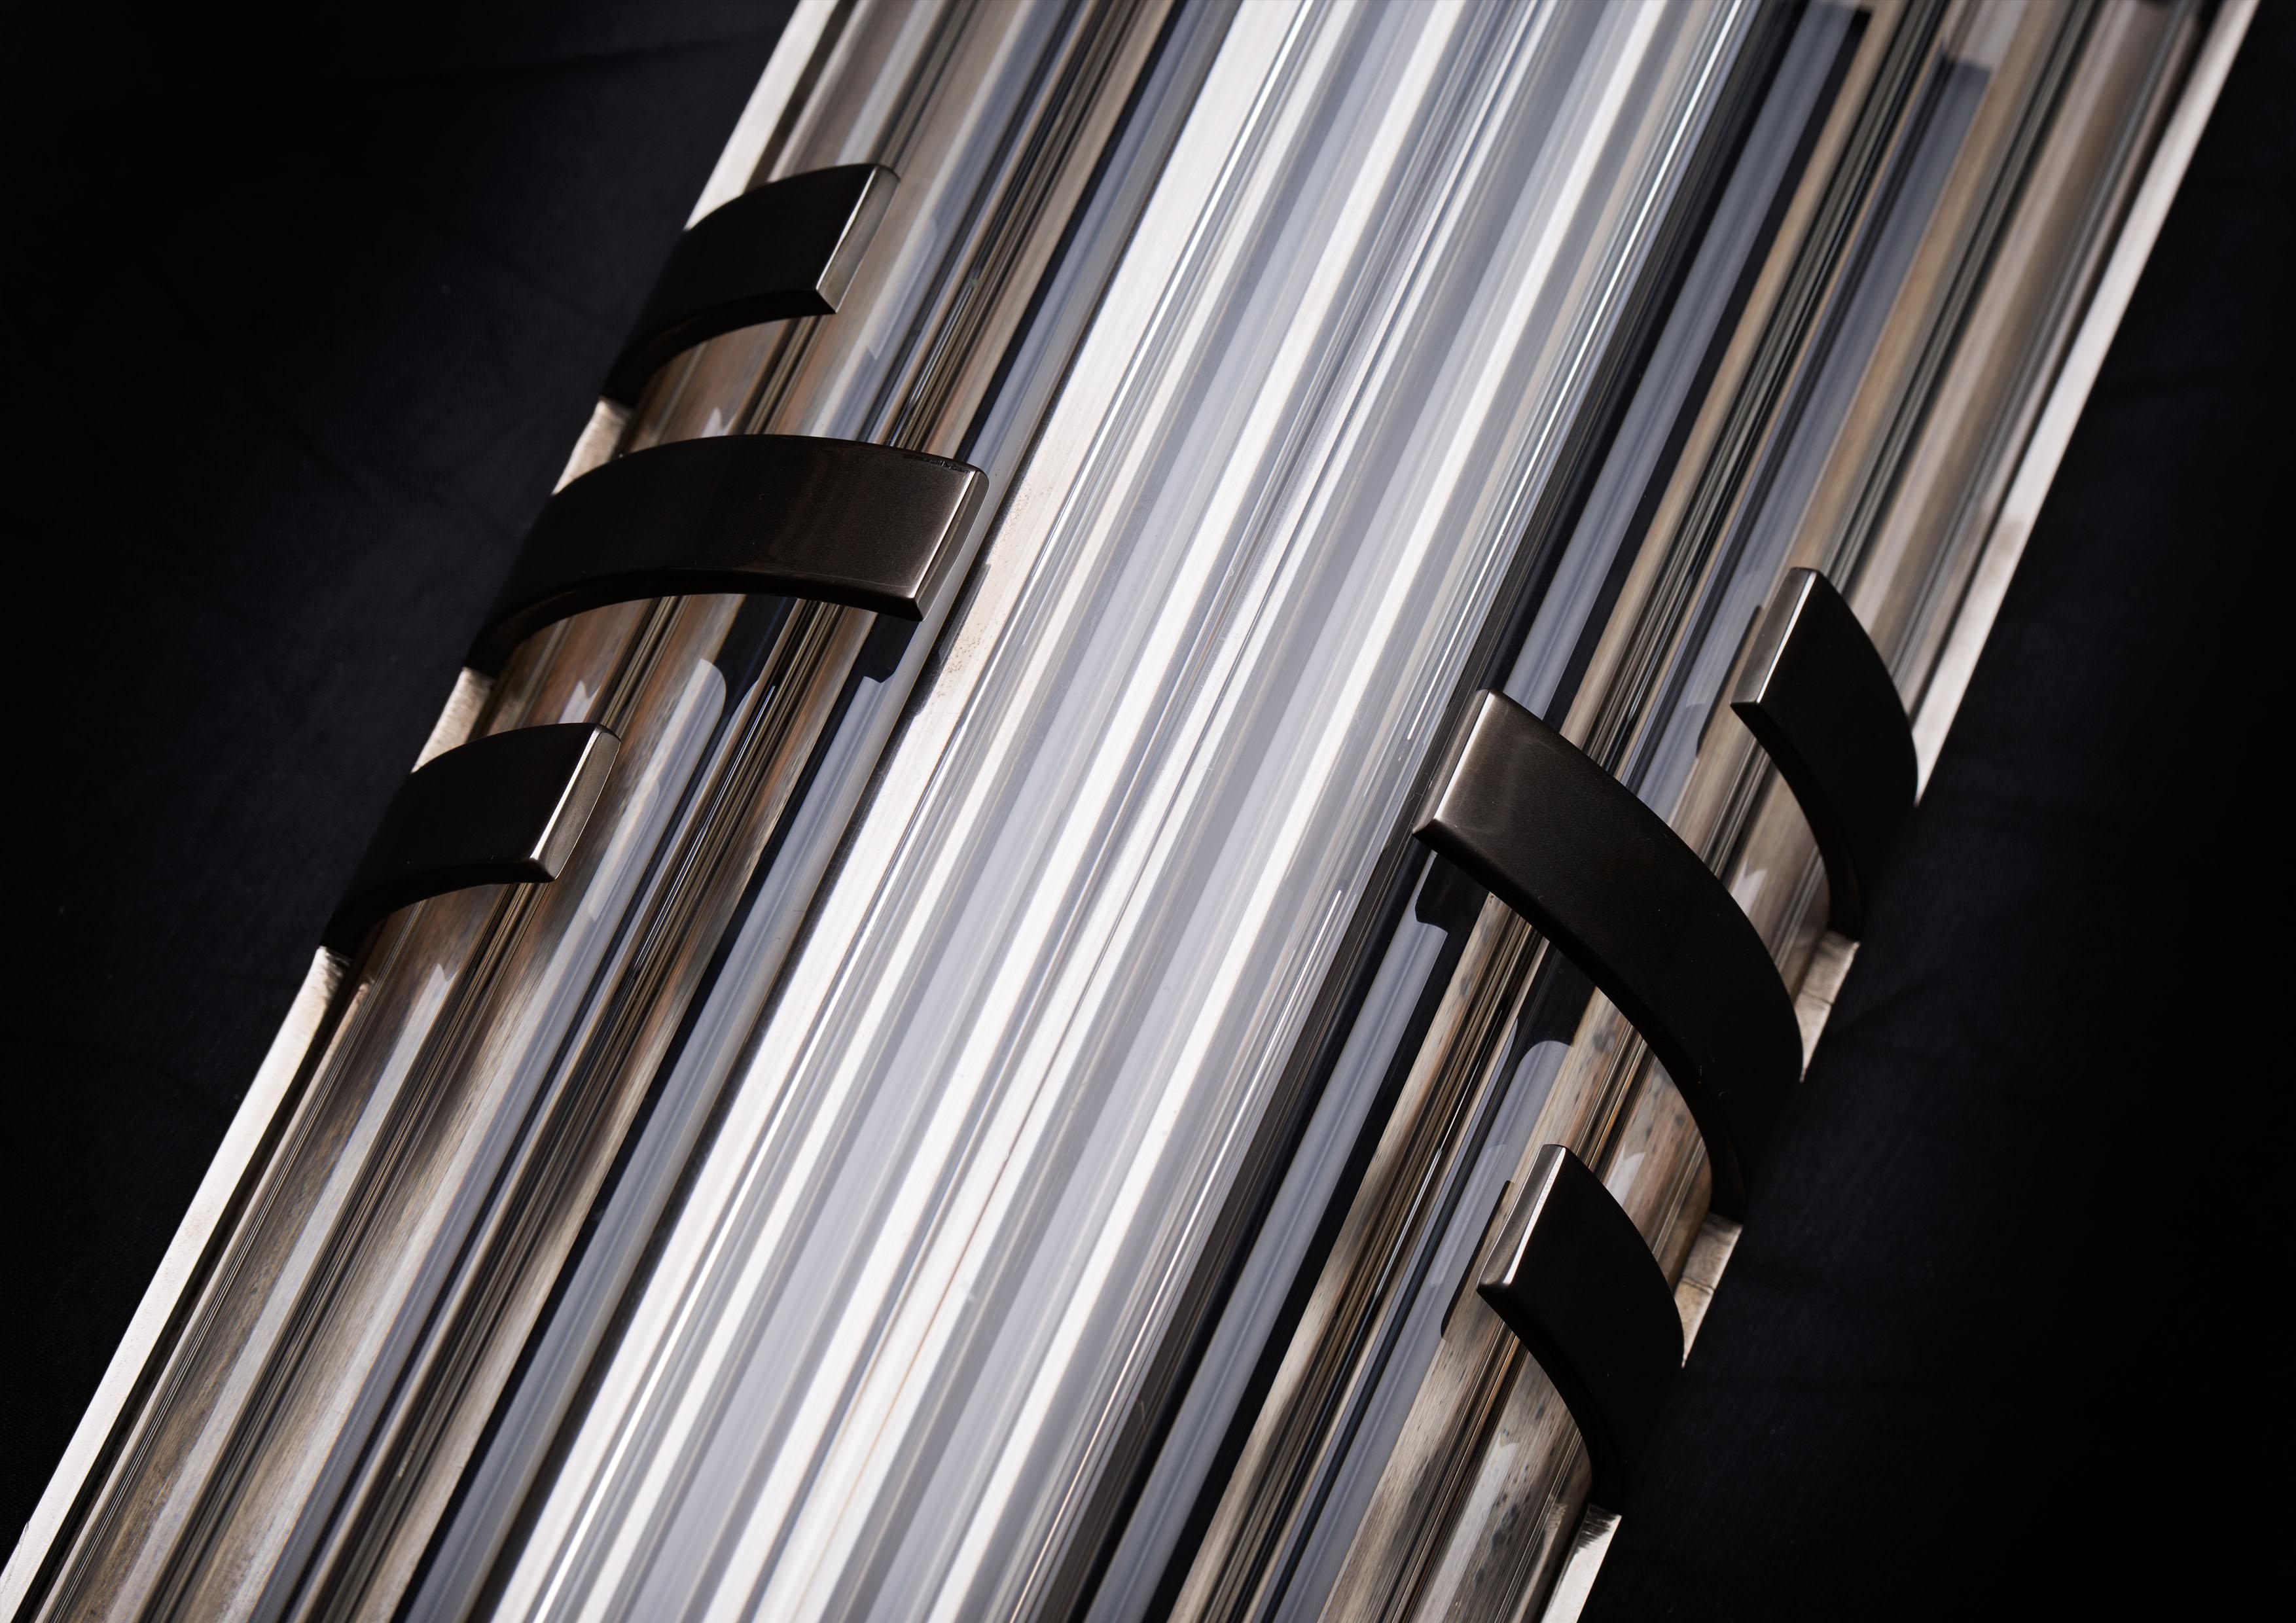 Bespokemetalstudiolights3